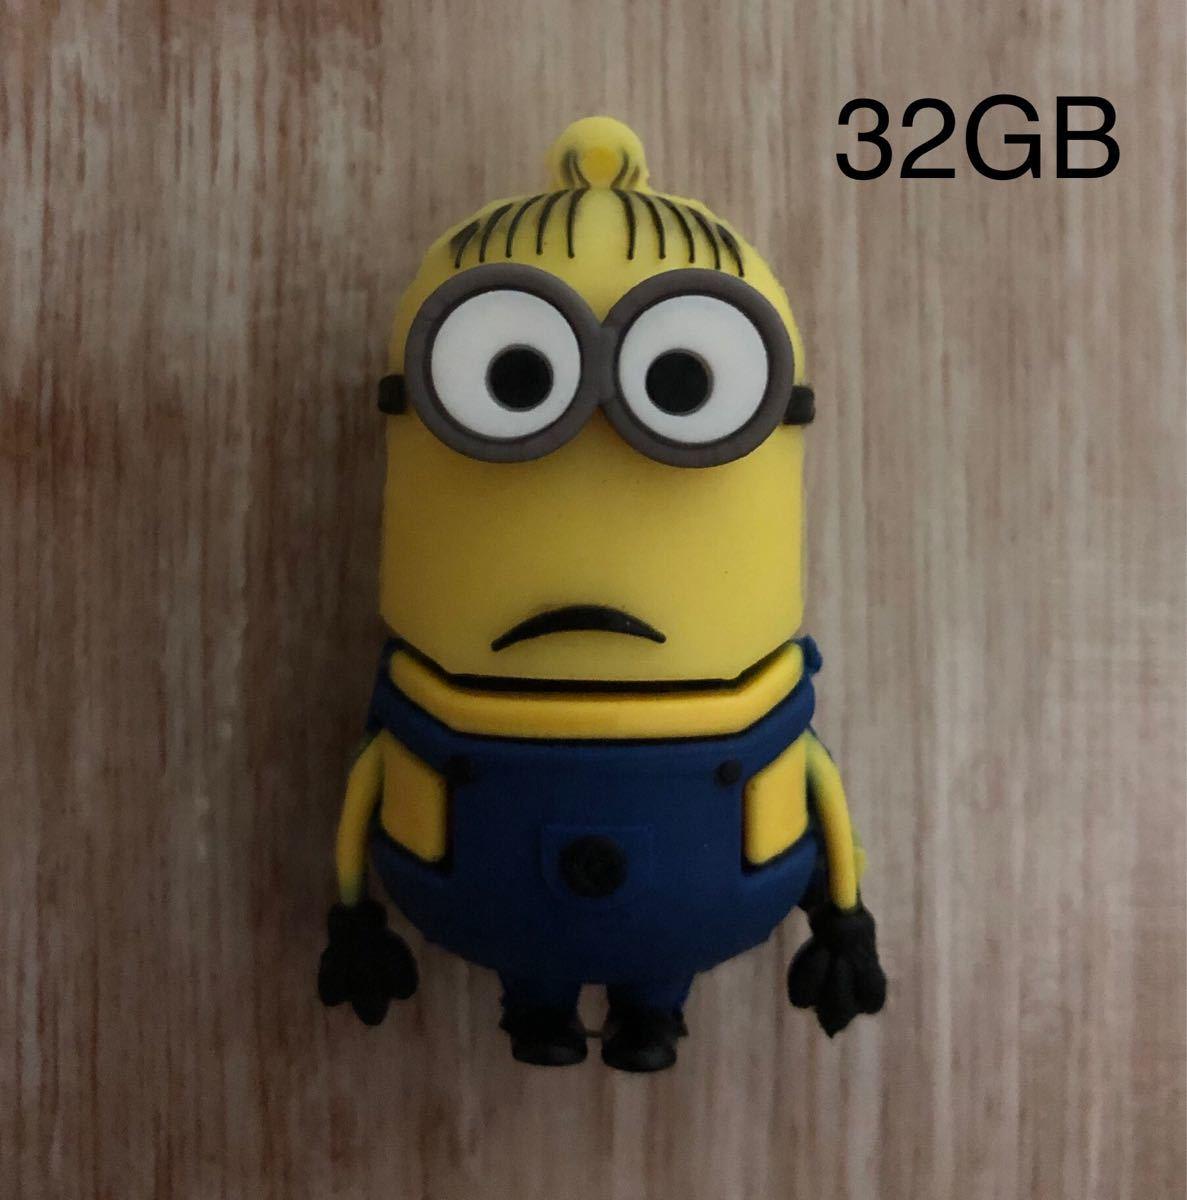 ミニオン 32GB USB メモリー_画像1